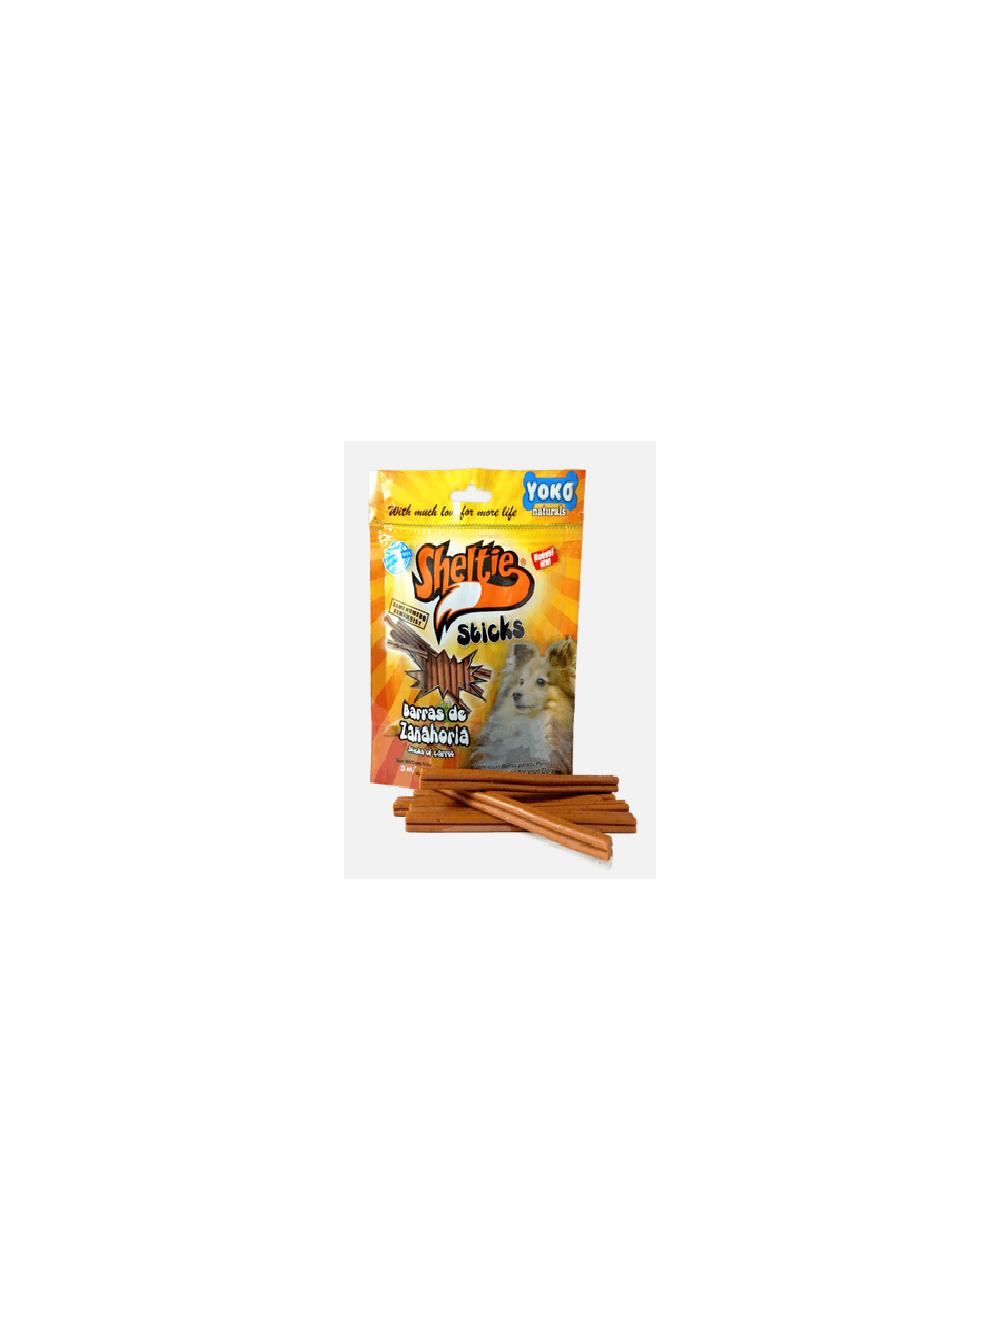 Snacks Sheltie Sticks Barras de Zanahoria - ciudaddemascotas.com